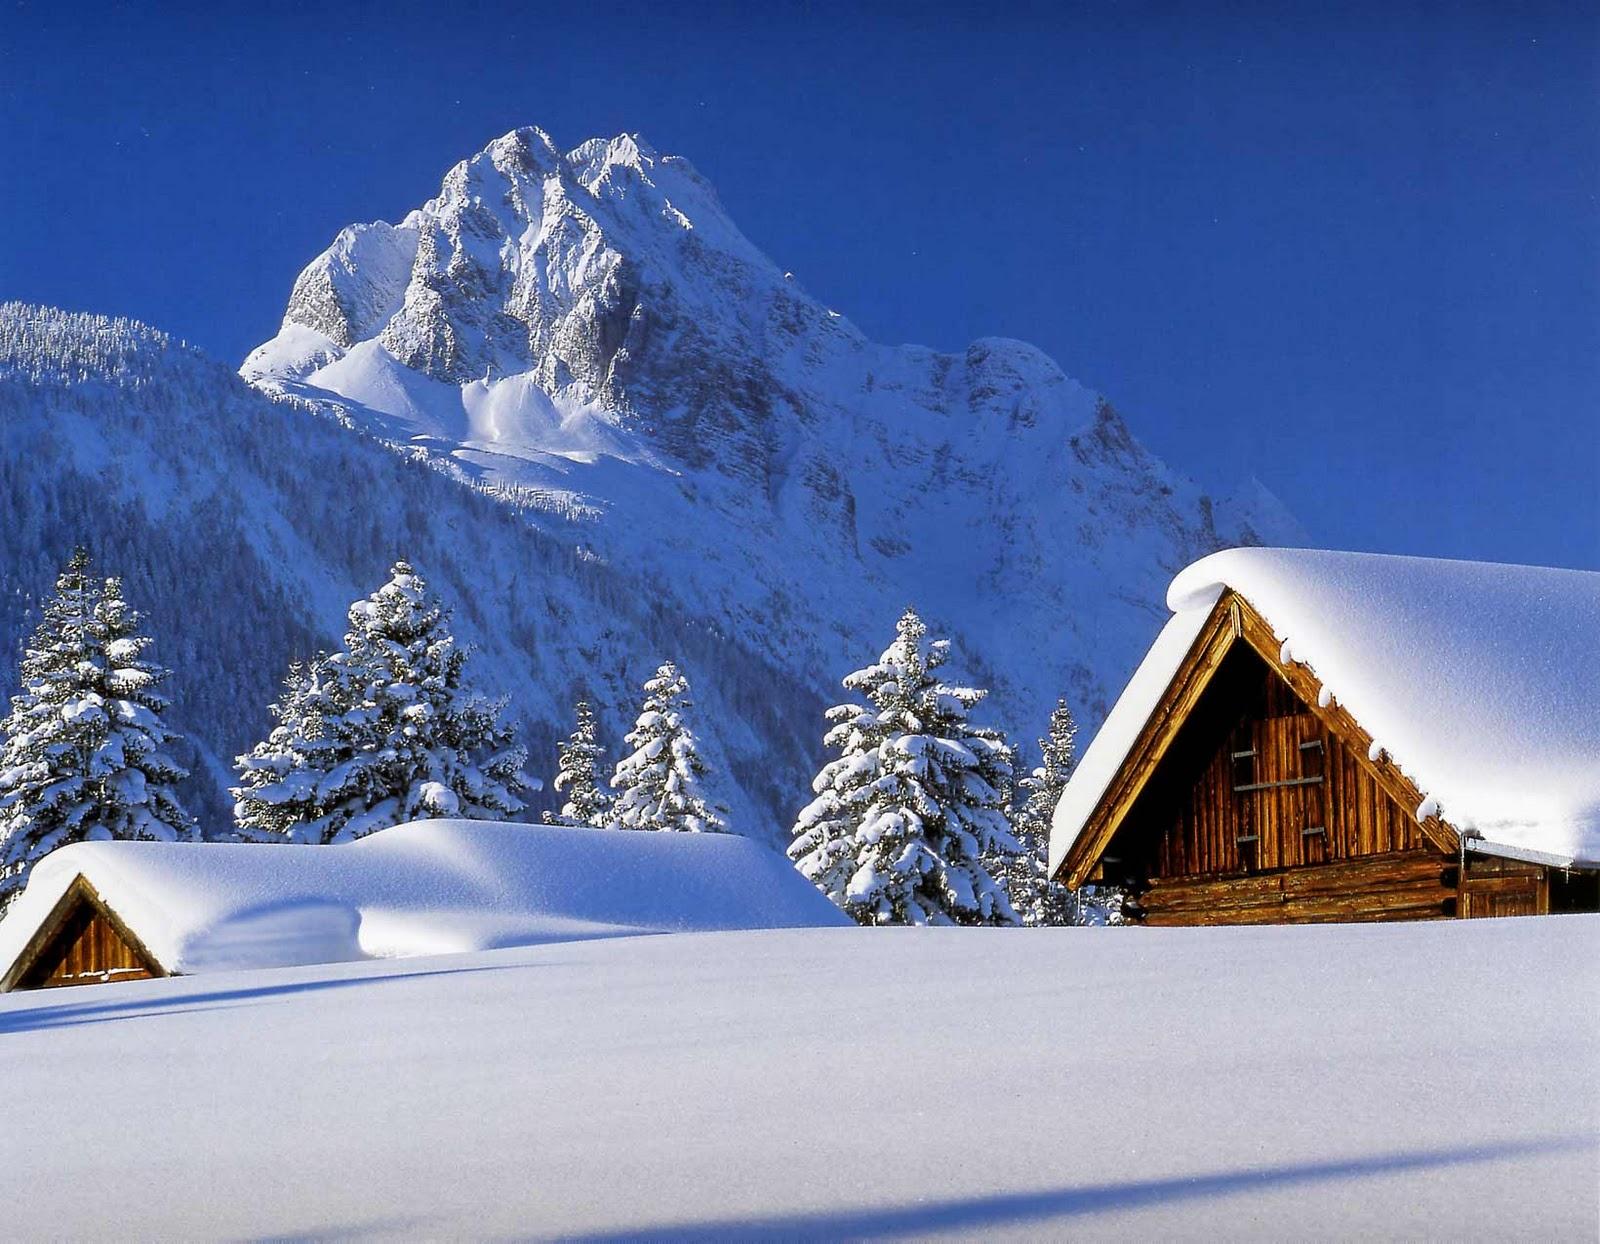 Hintergrundbilder Winterlandschaften - Kaminfeuer 3D: Gratis Vollversion zu Weihnachten CHIP